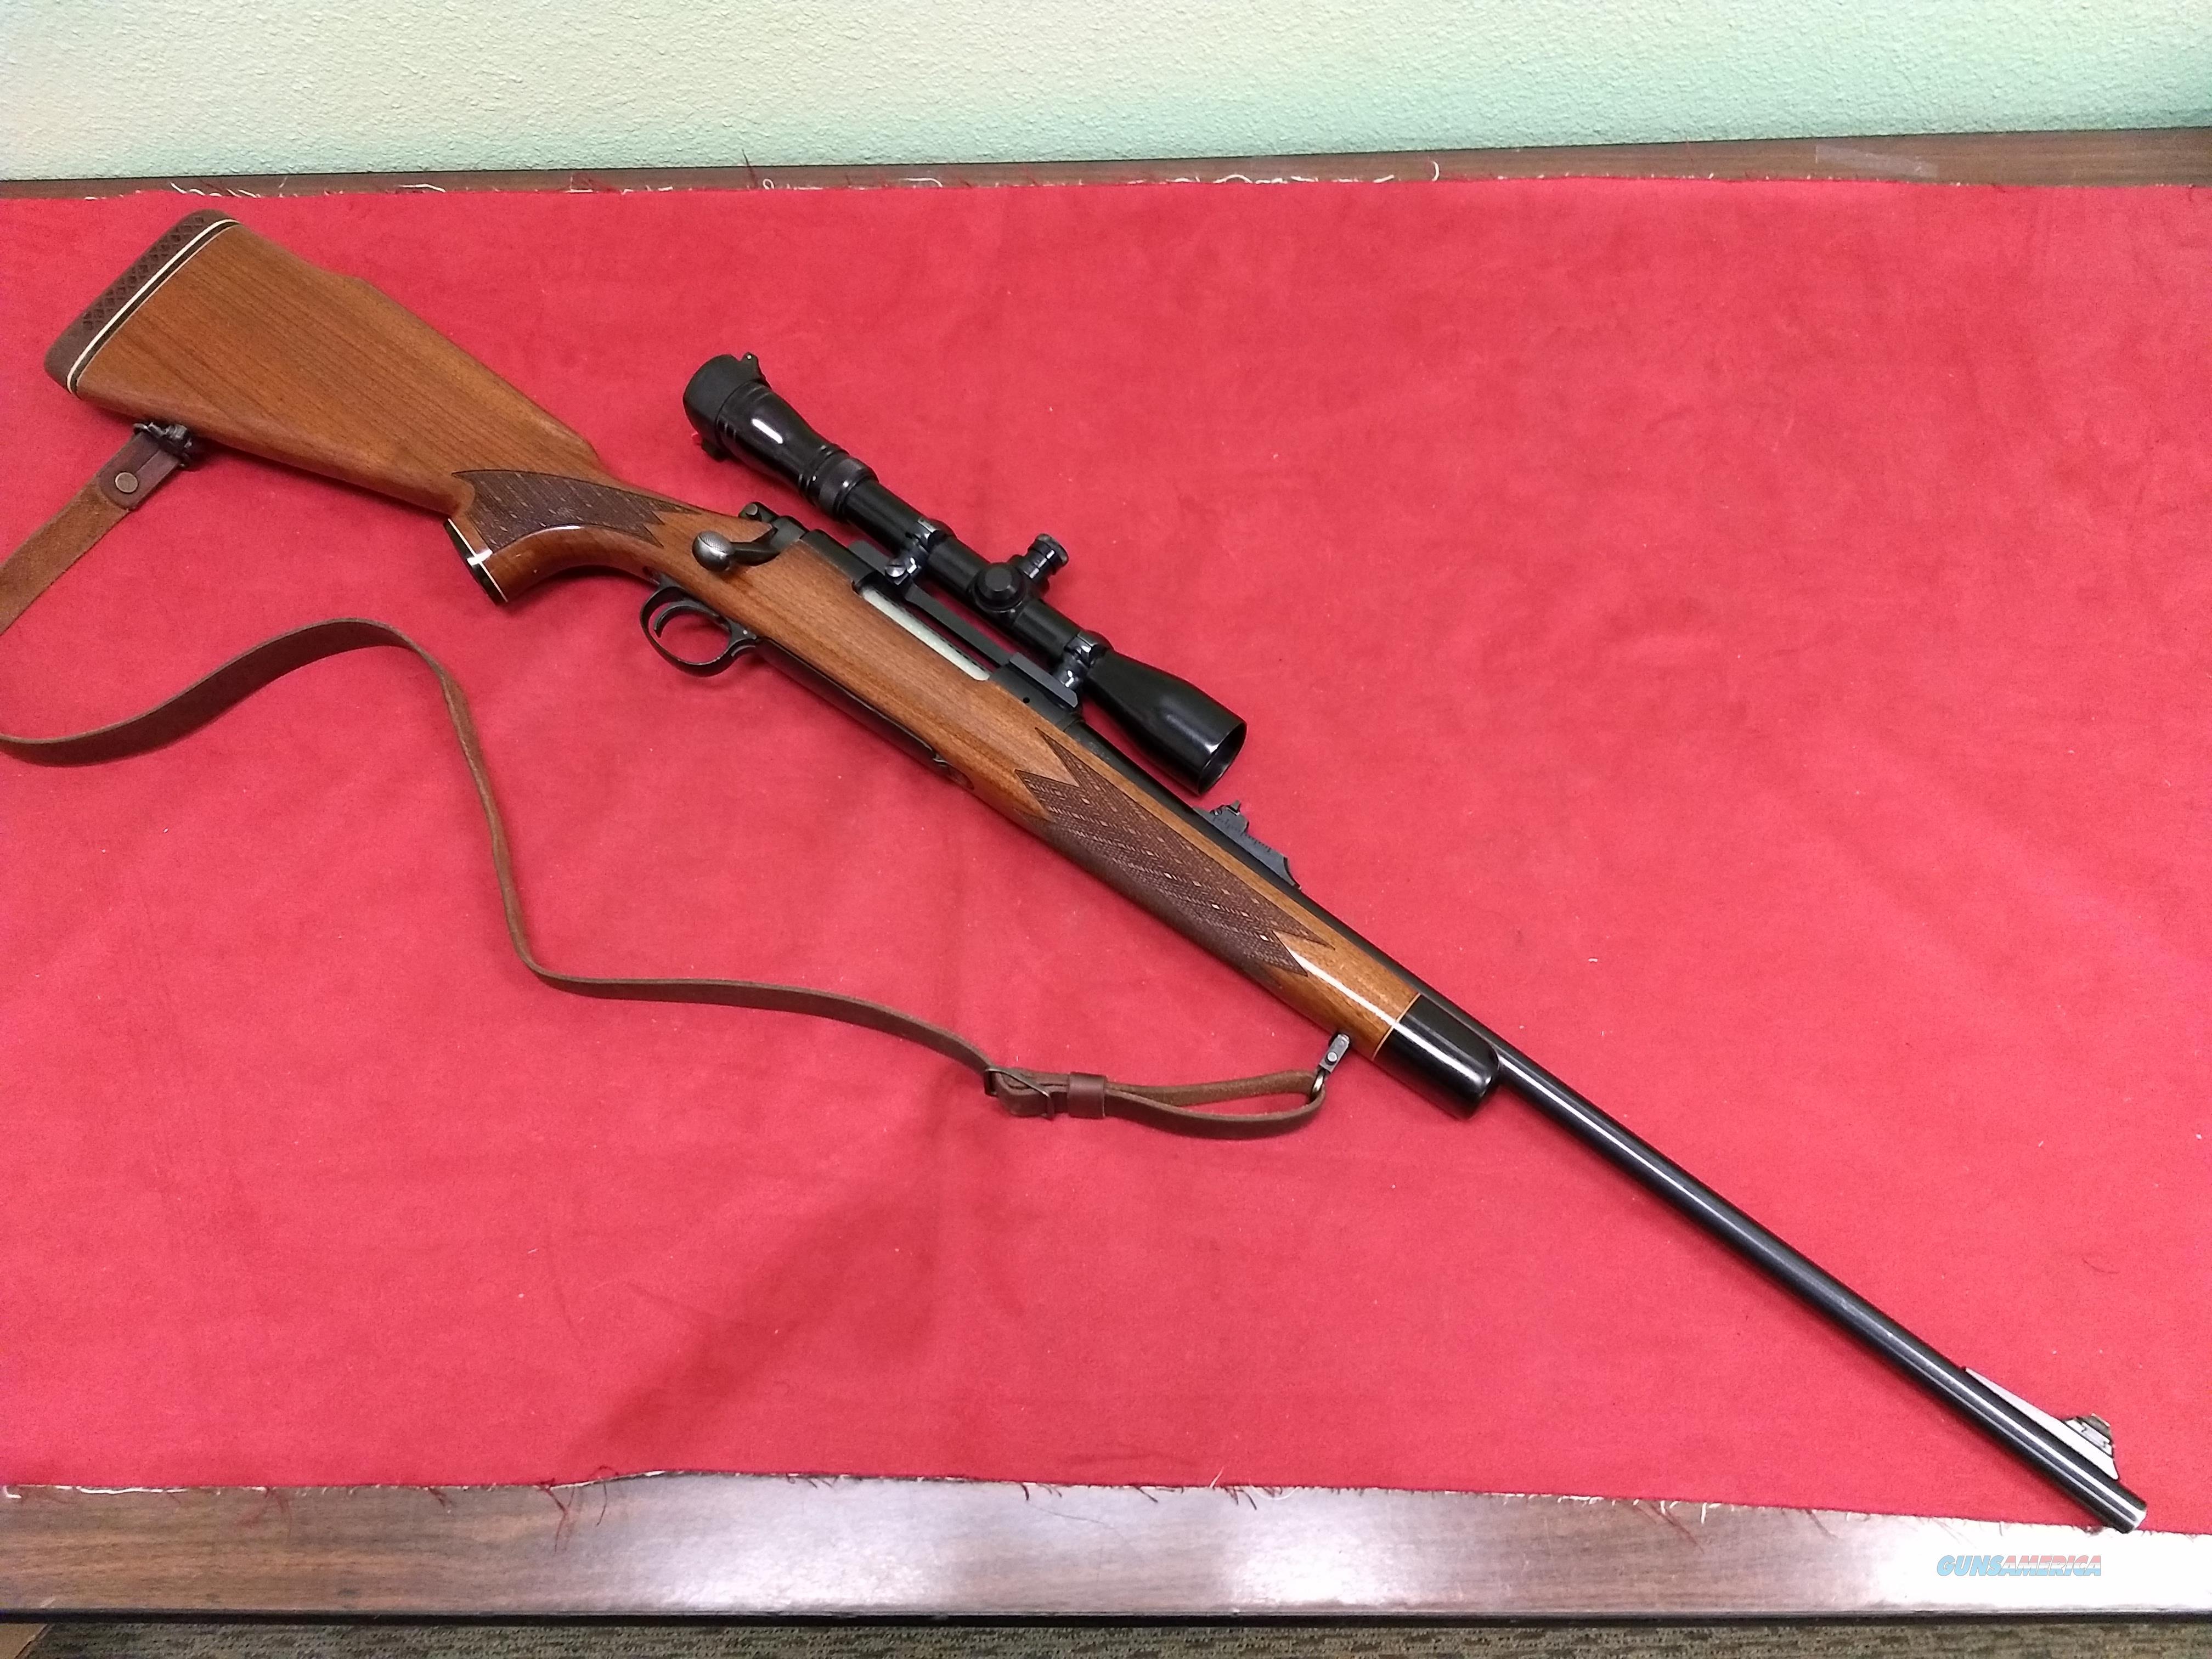 Remington 700 BDL (1970s era), .270 Win, w/ 3-9 Scope  Guns > Rifles > Remington Rifles - Modern > Model 700 > Sporting